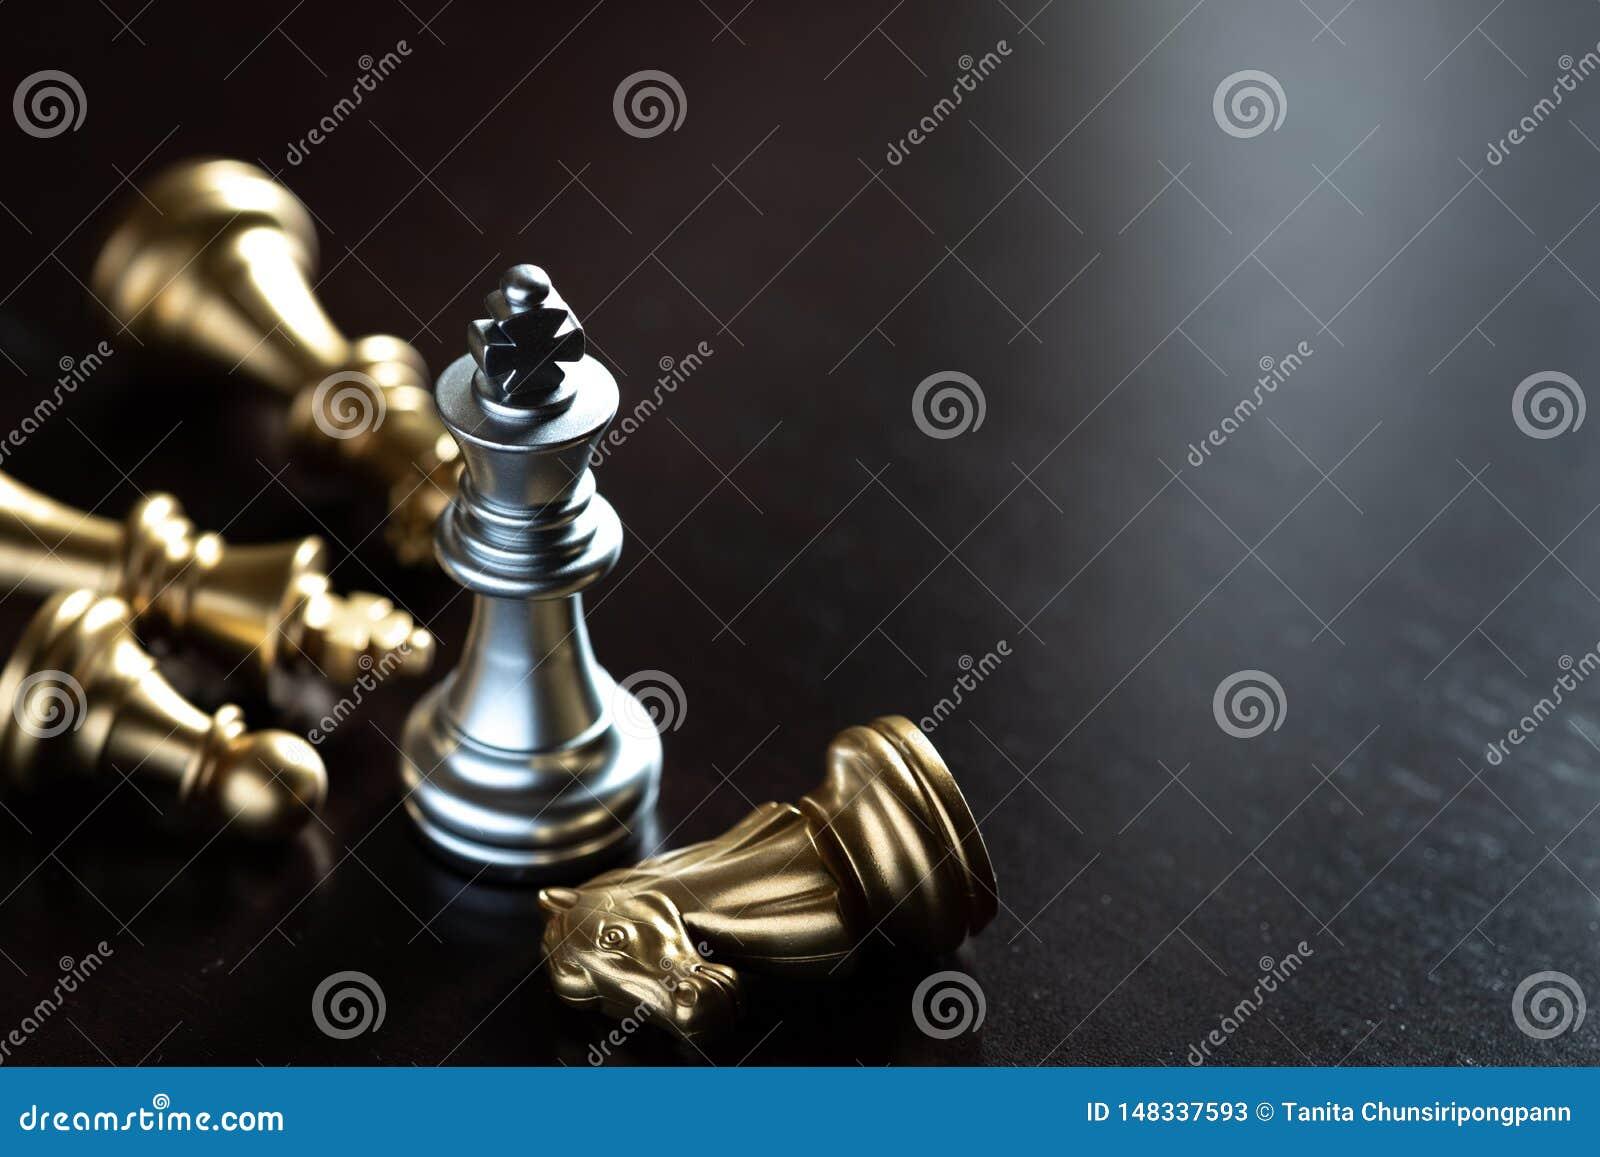 Στάση βασιλιάδων σκακιού πέρα από τους εχθρούς Ο νικητής στον επιχειρησιακό ανταγωνισμό Ανταγωνιστικότητα και στρατηγική